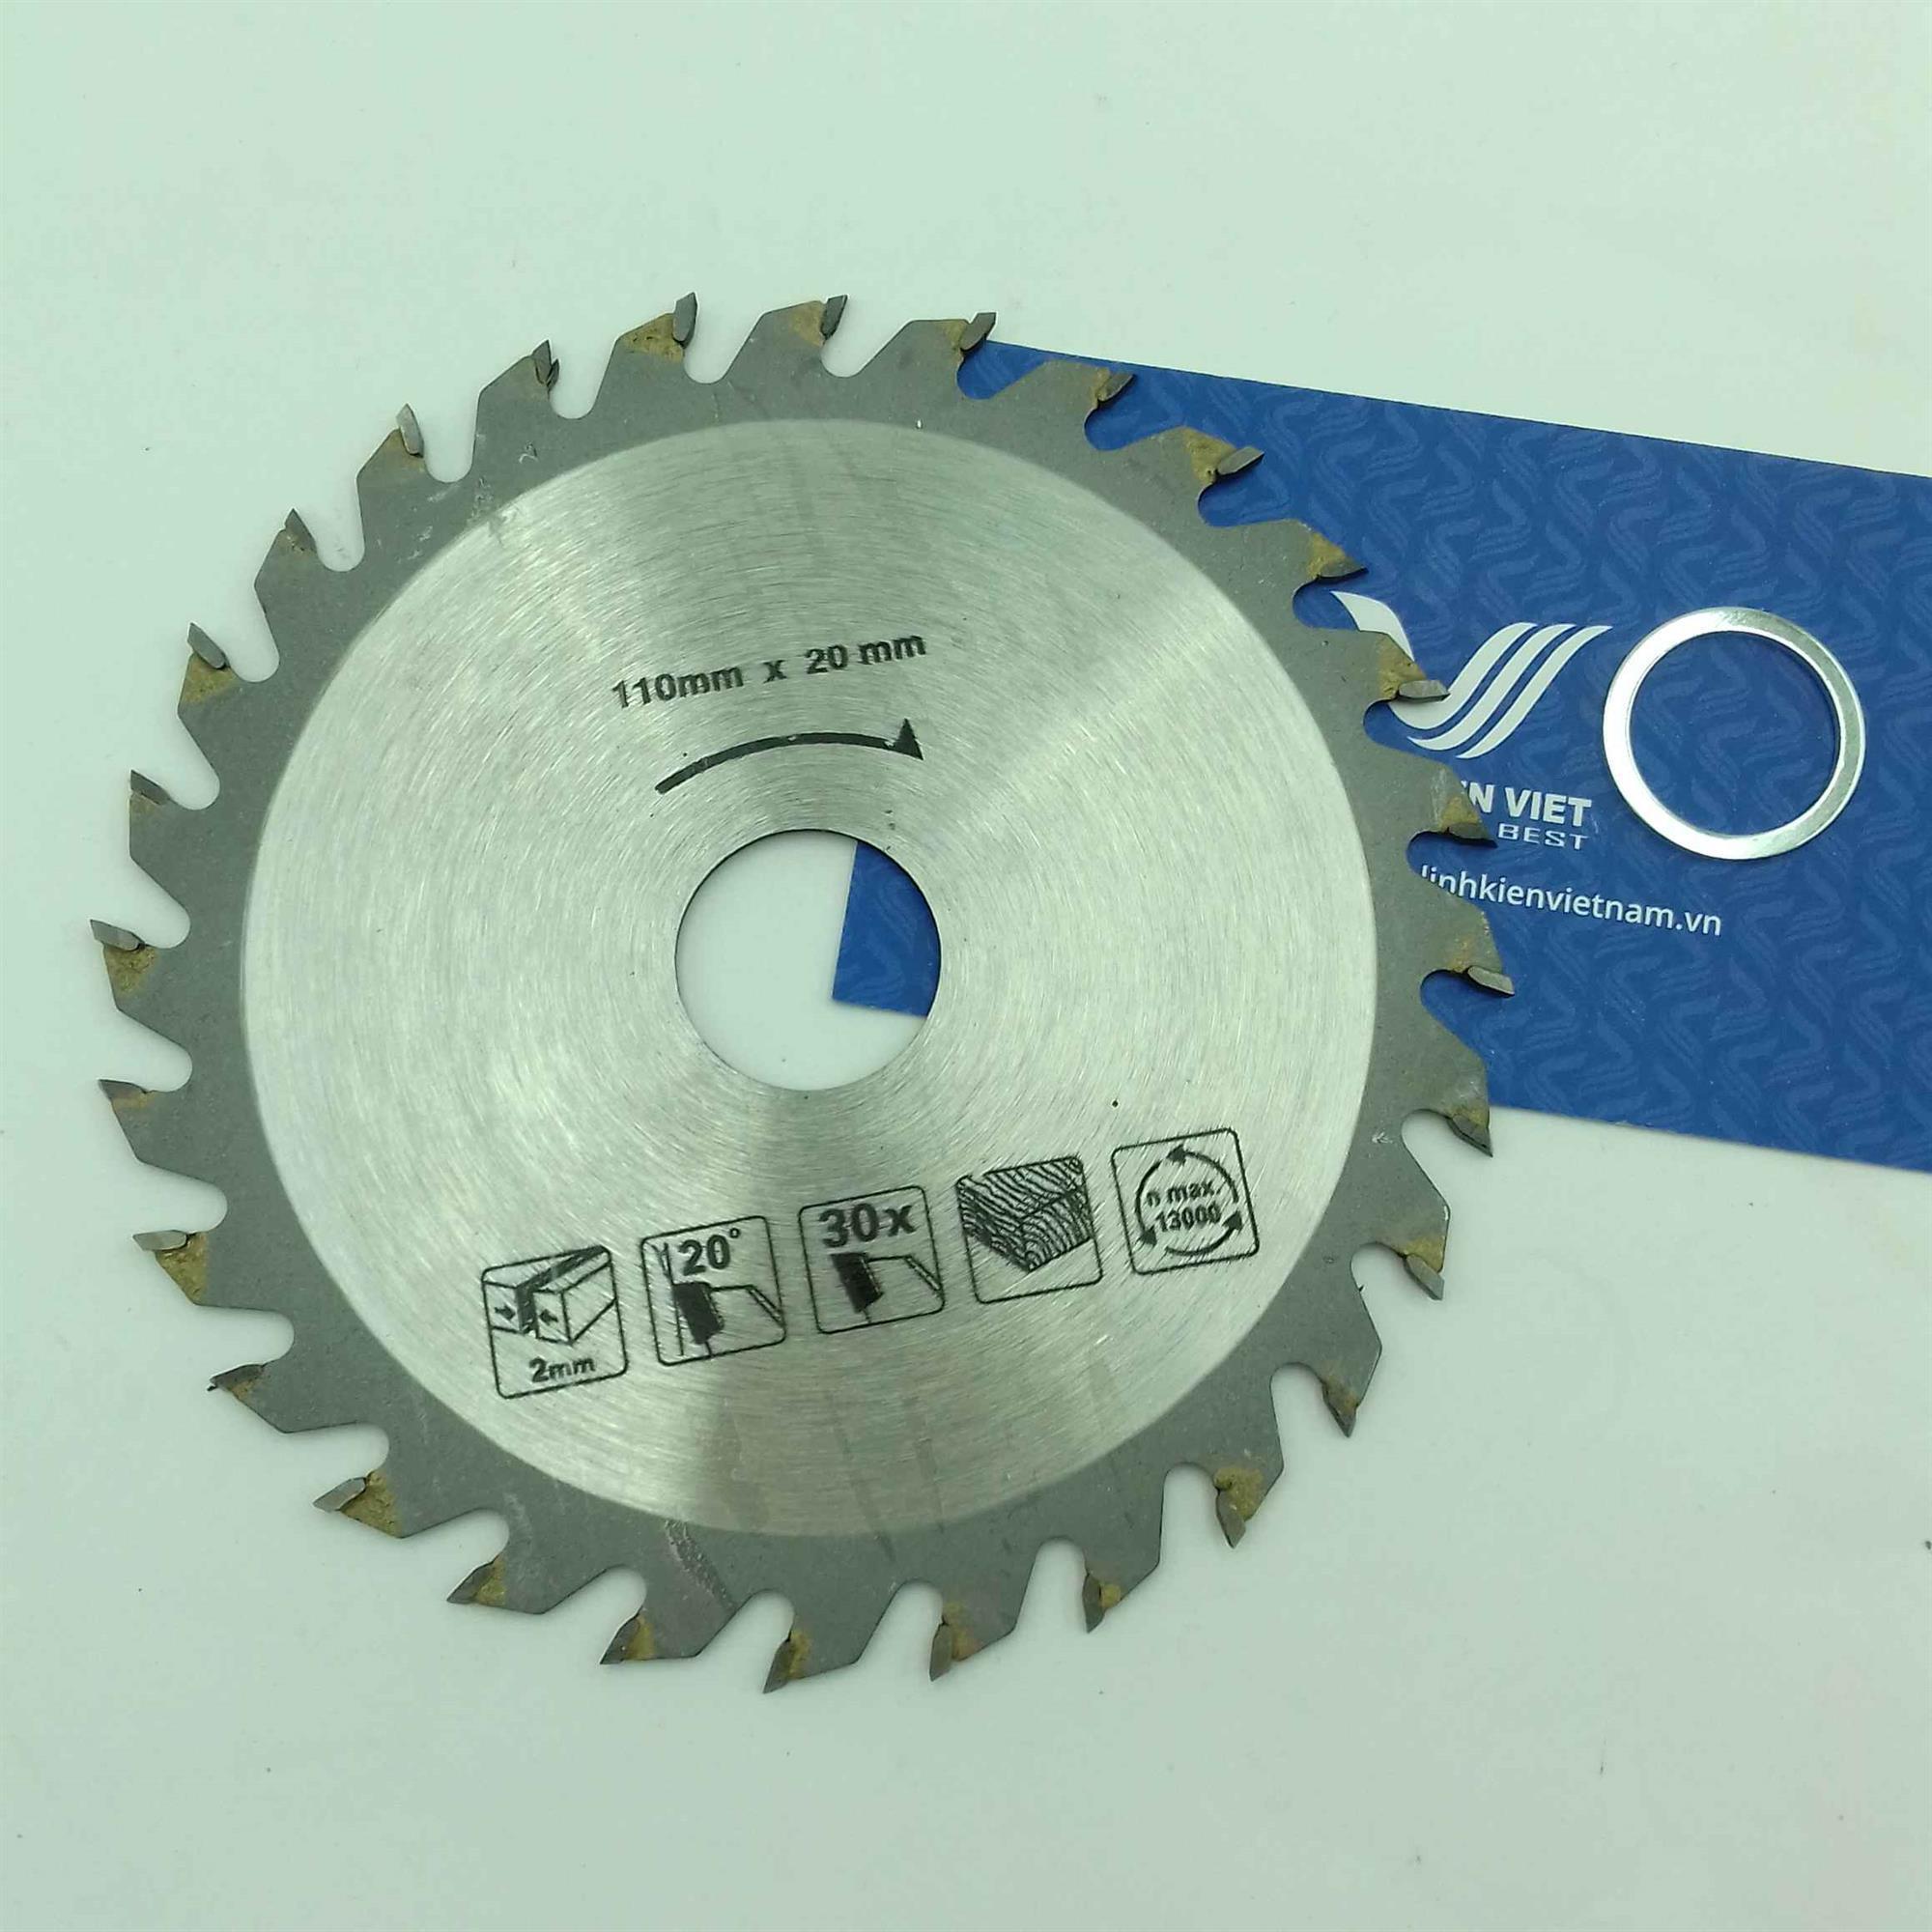 Đĩa cắt gỗ răng thô 4 inch / Lưỡi cưa gỗ / Lưỡi cắt gỗ - I5H20 (KA9H1)